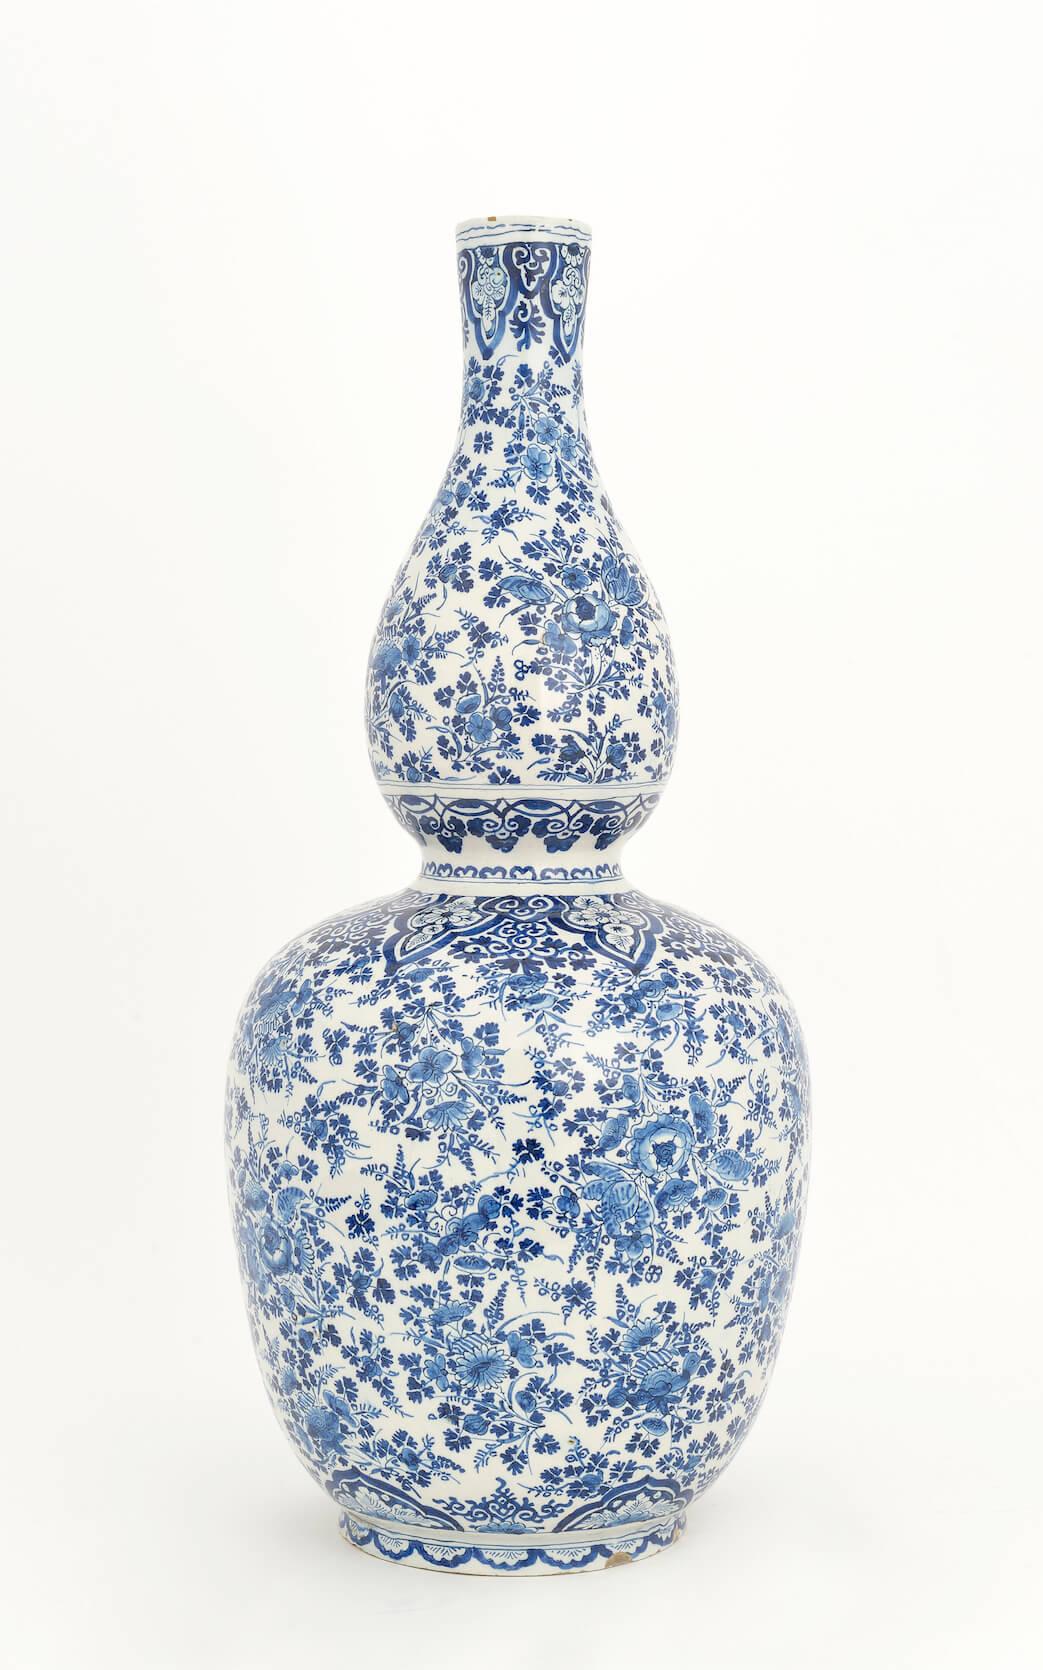 Antique gourd shaped vase bij Lambertus van Eenhoorn, de metale pot at Aronson Antiquairs